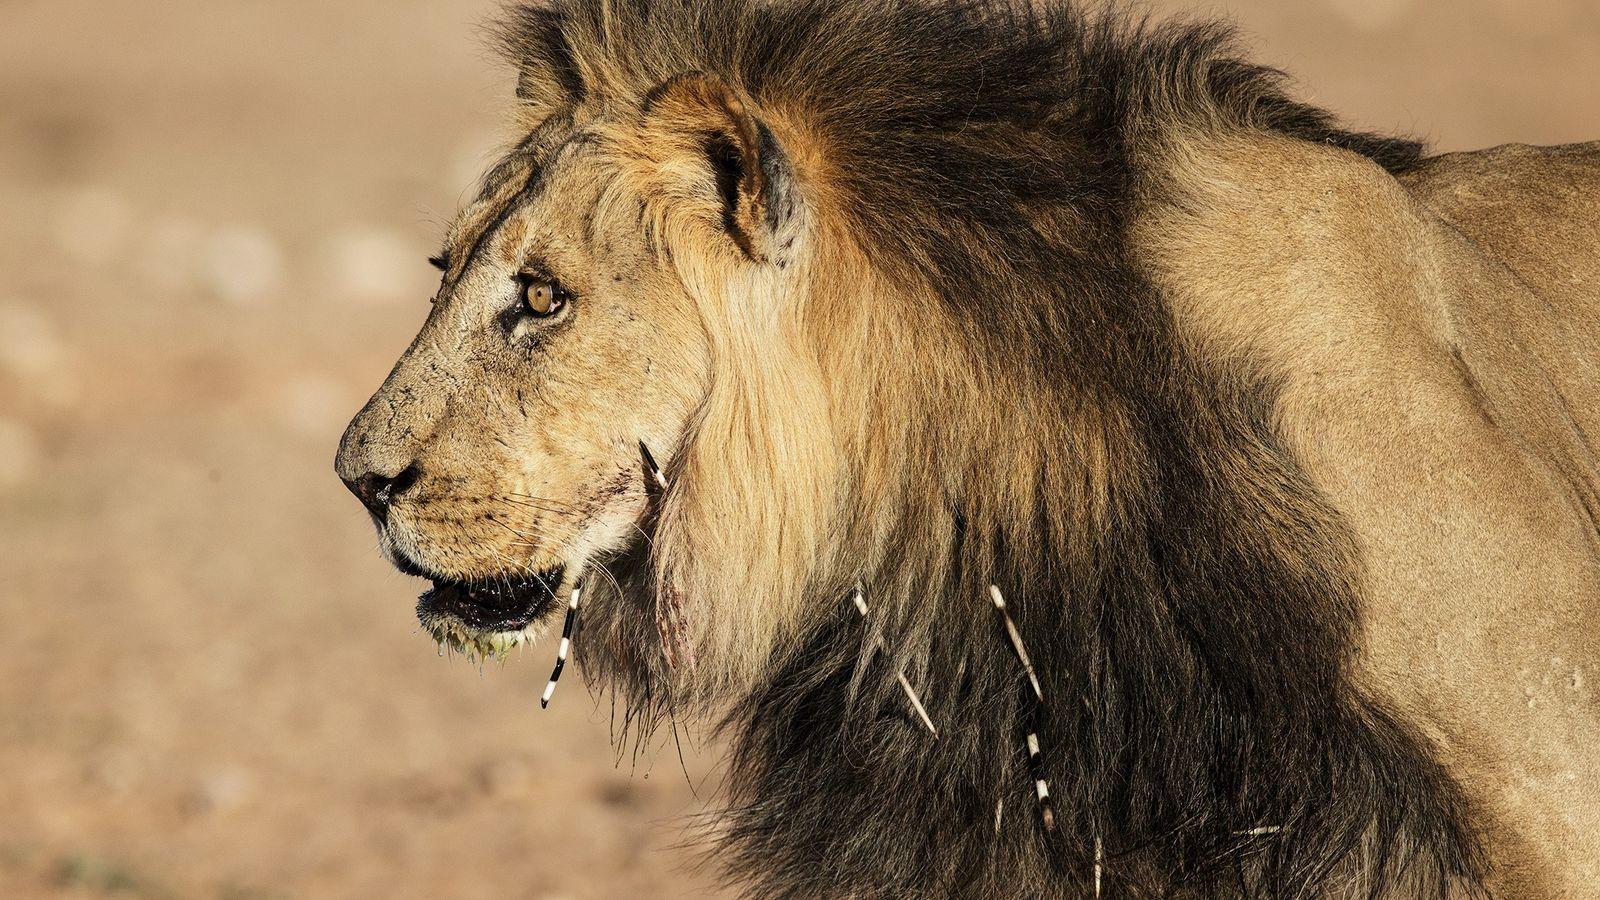 Un lion blessé par des piquants de porc-épic plantés dans sa gueule et son cou dans ...